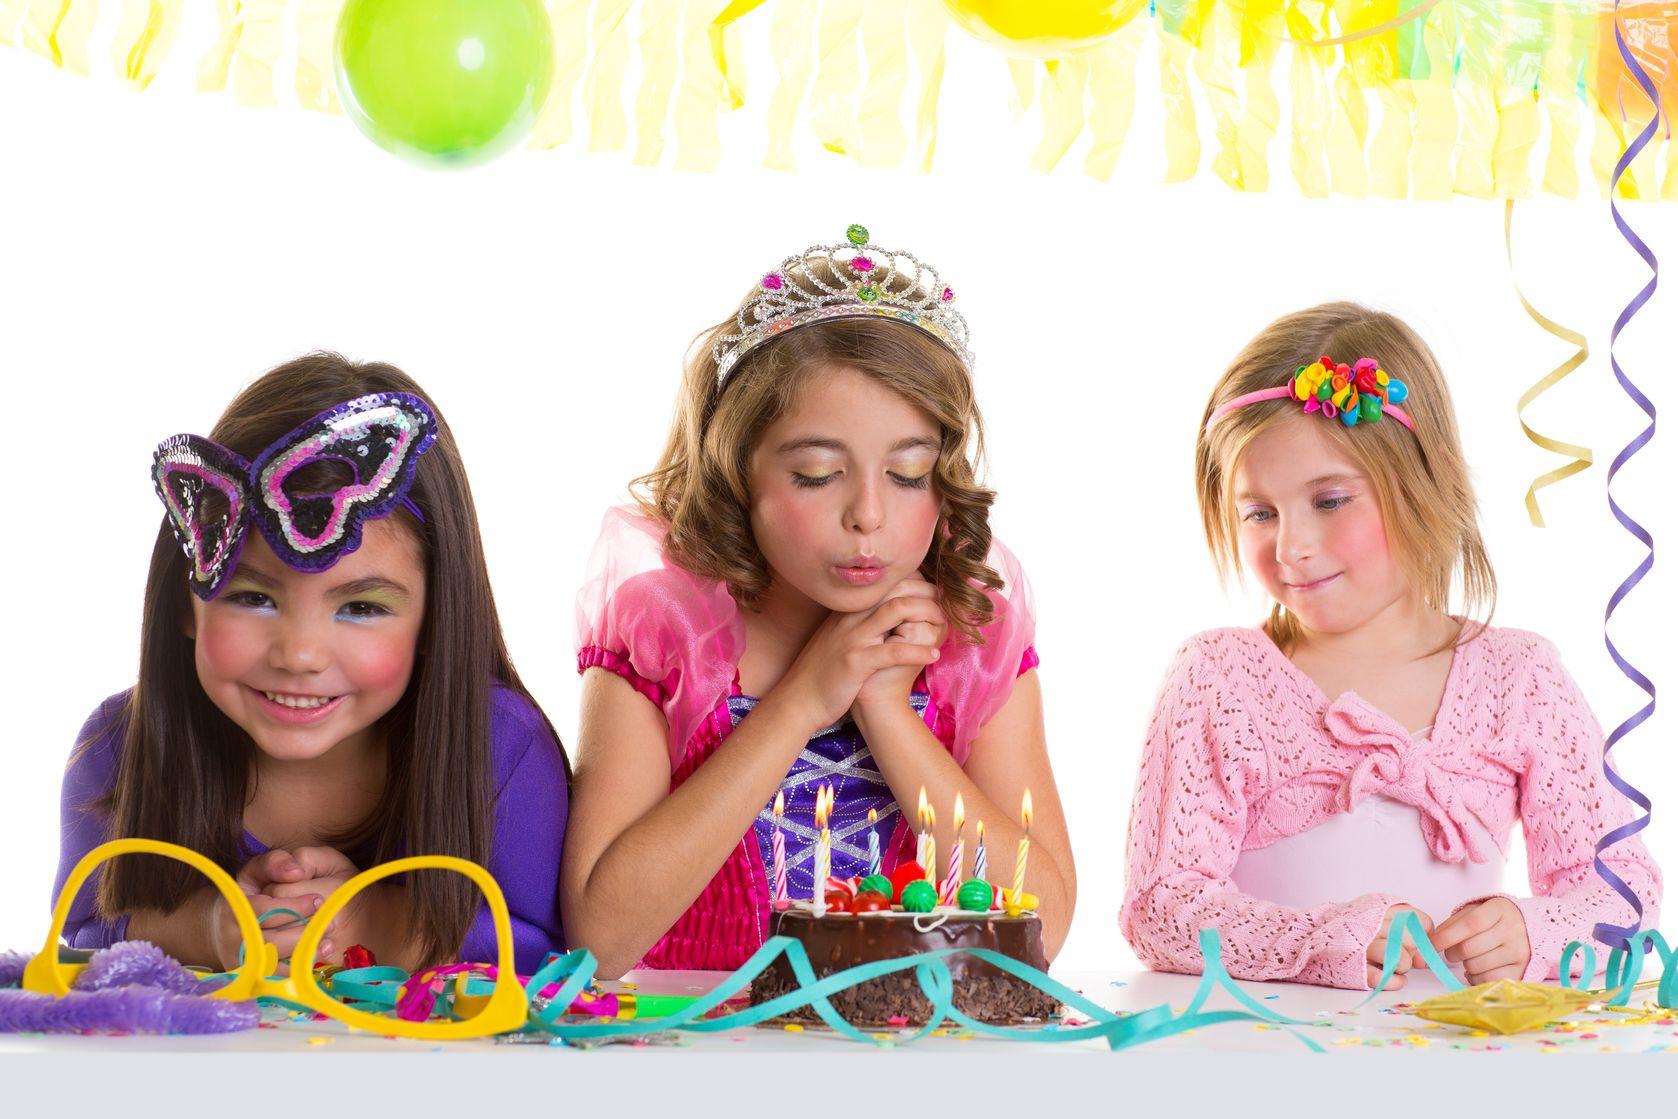 להפיק את מסיבת יום ההולדת המושלמת: כל הטיפים